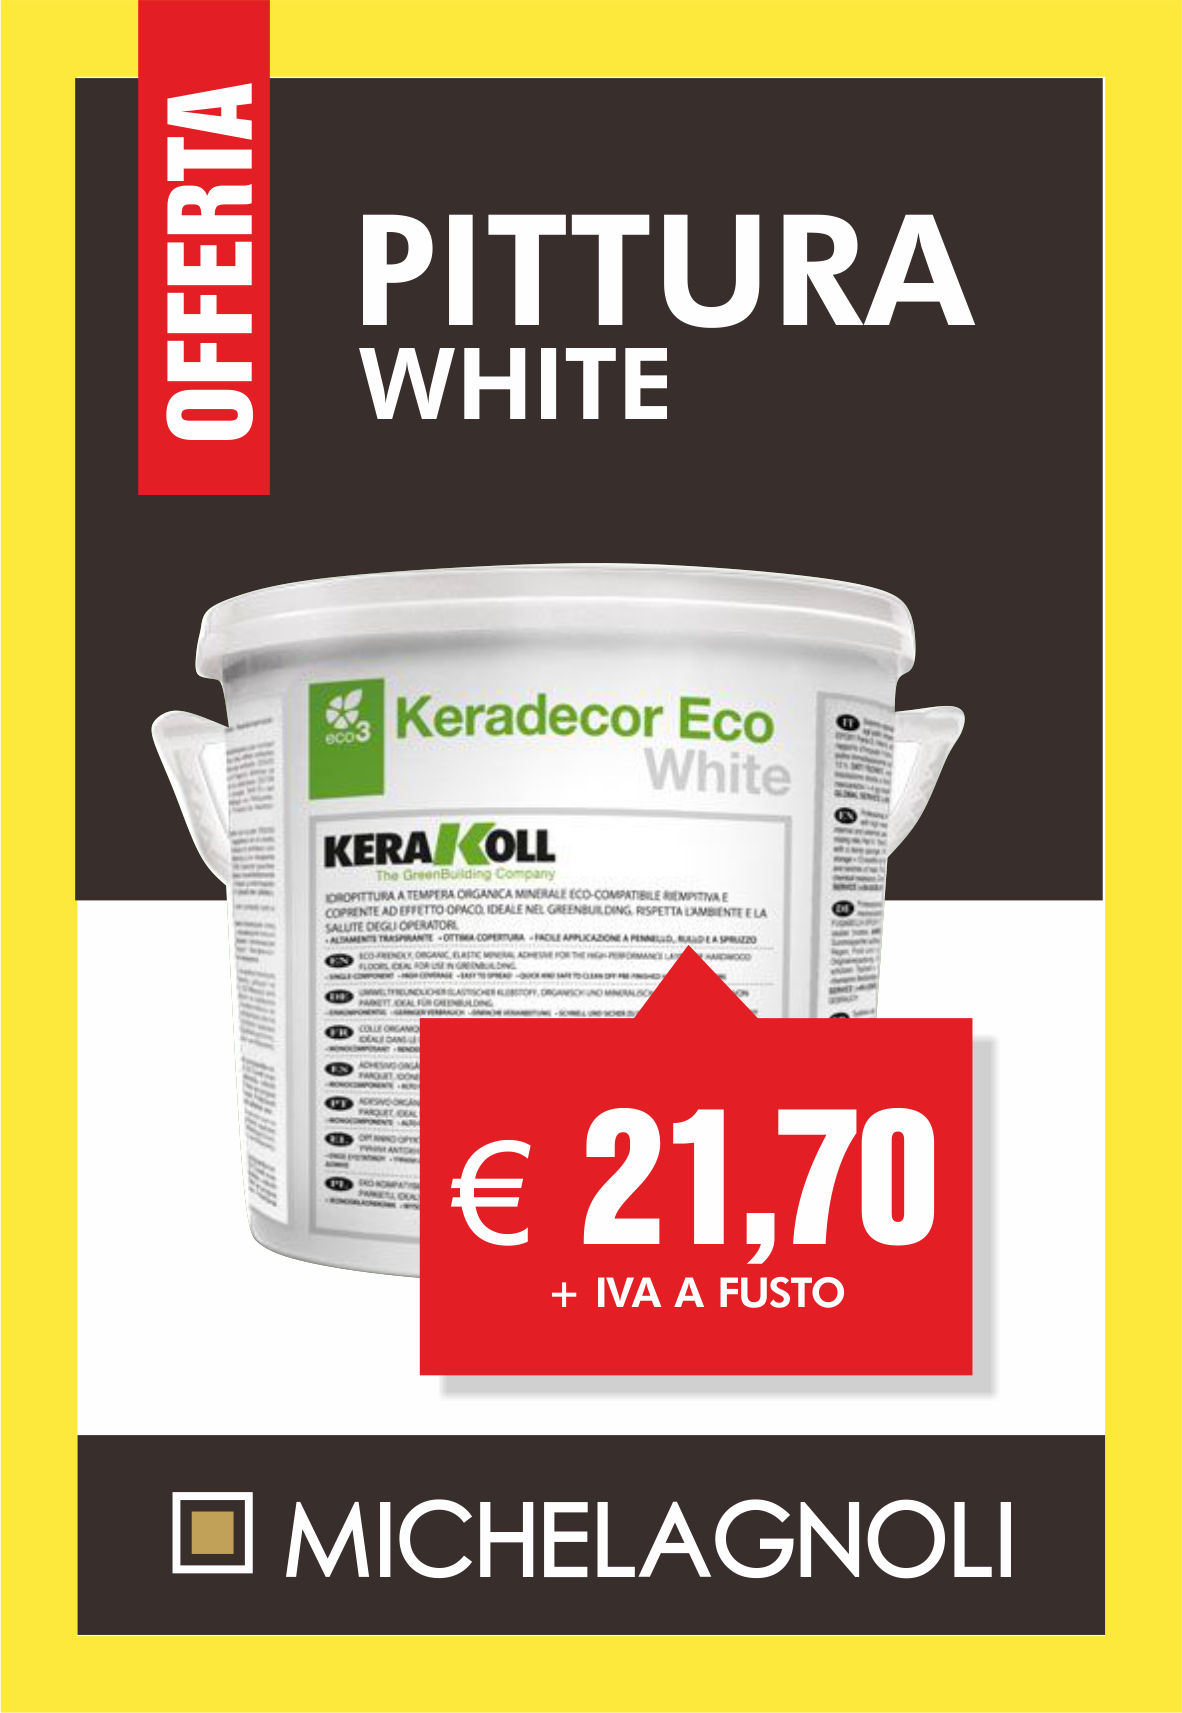 pittura white